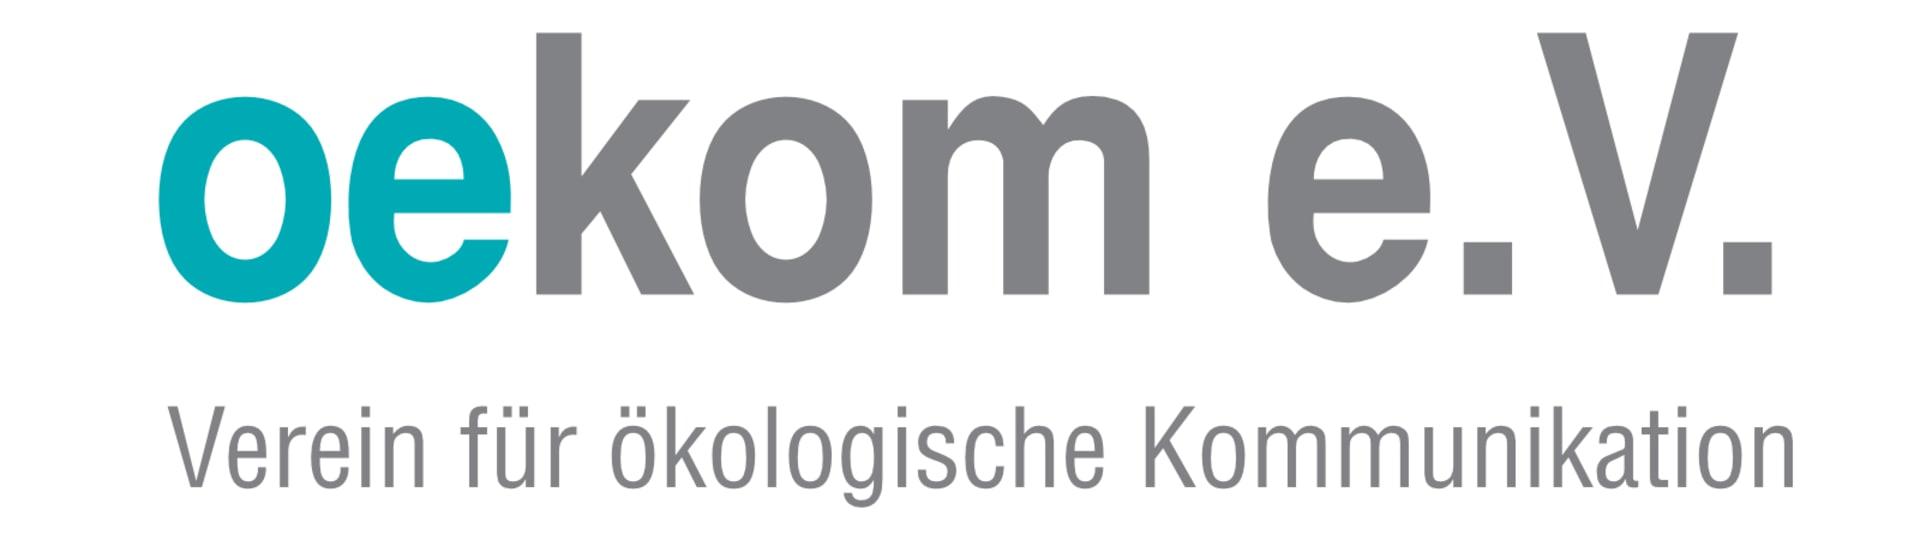 Logo oekom e.V. – Verein für ökologische Kommunikation